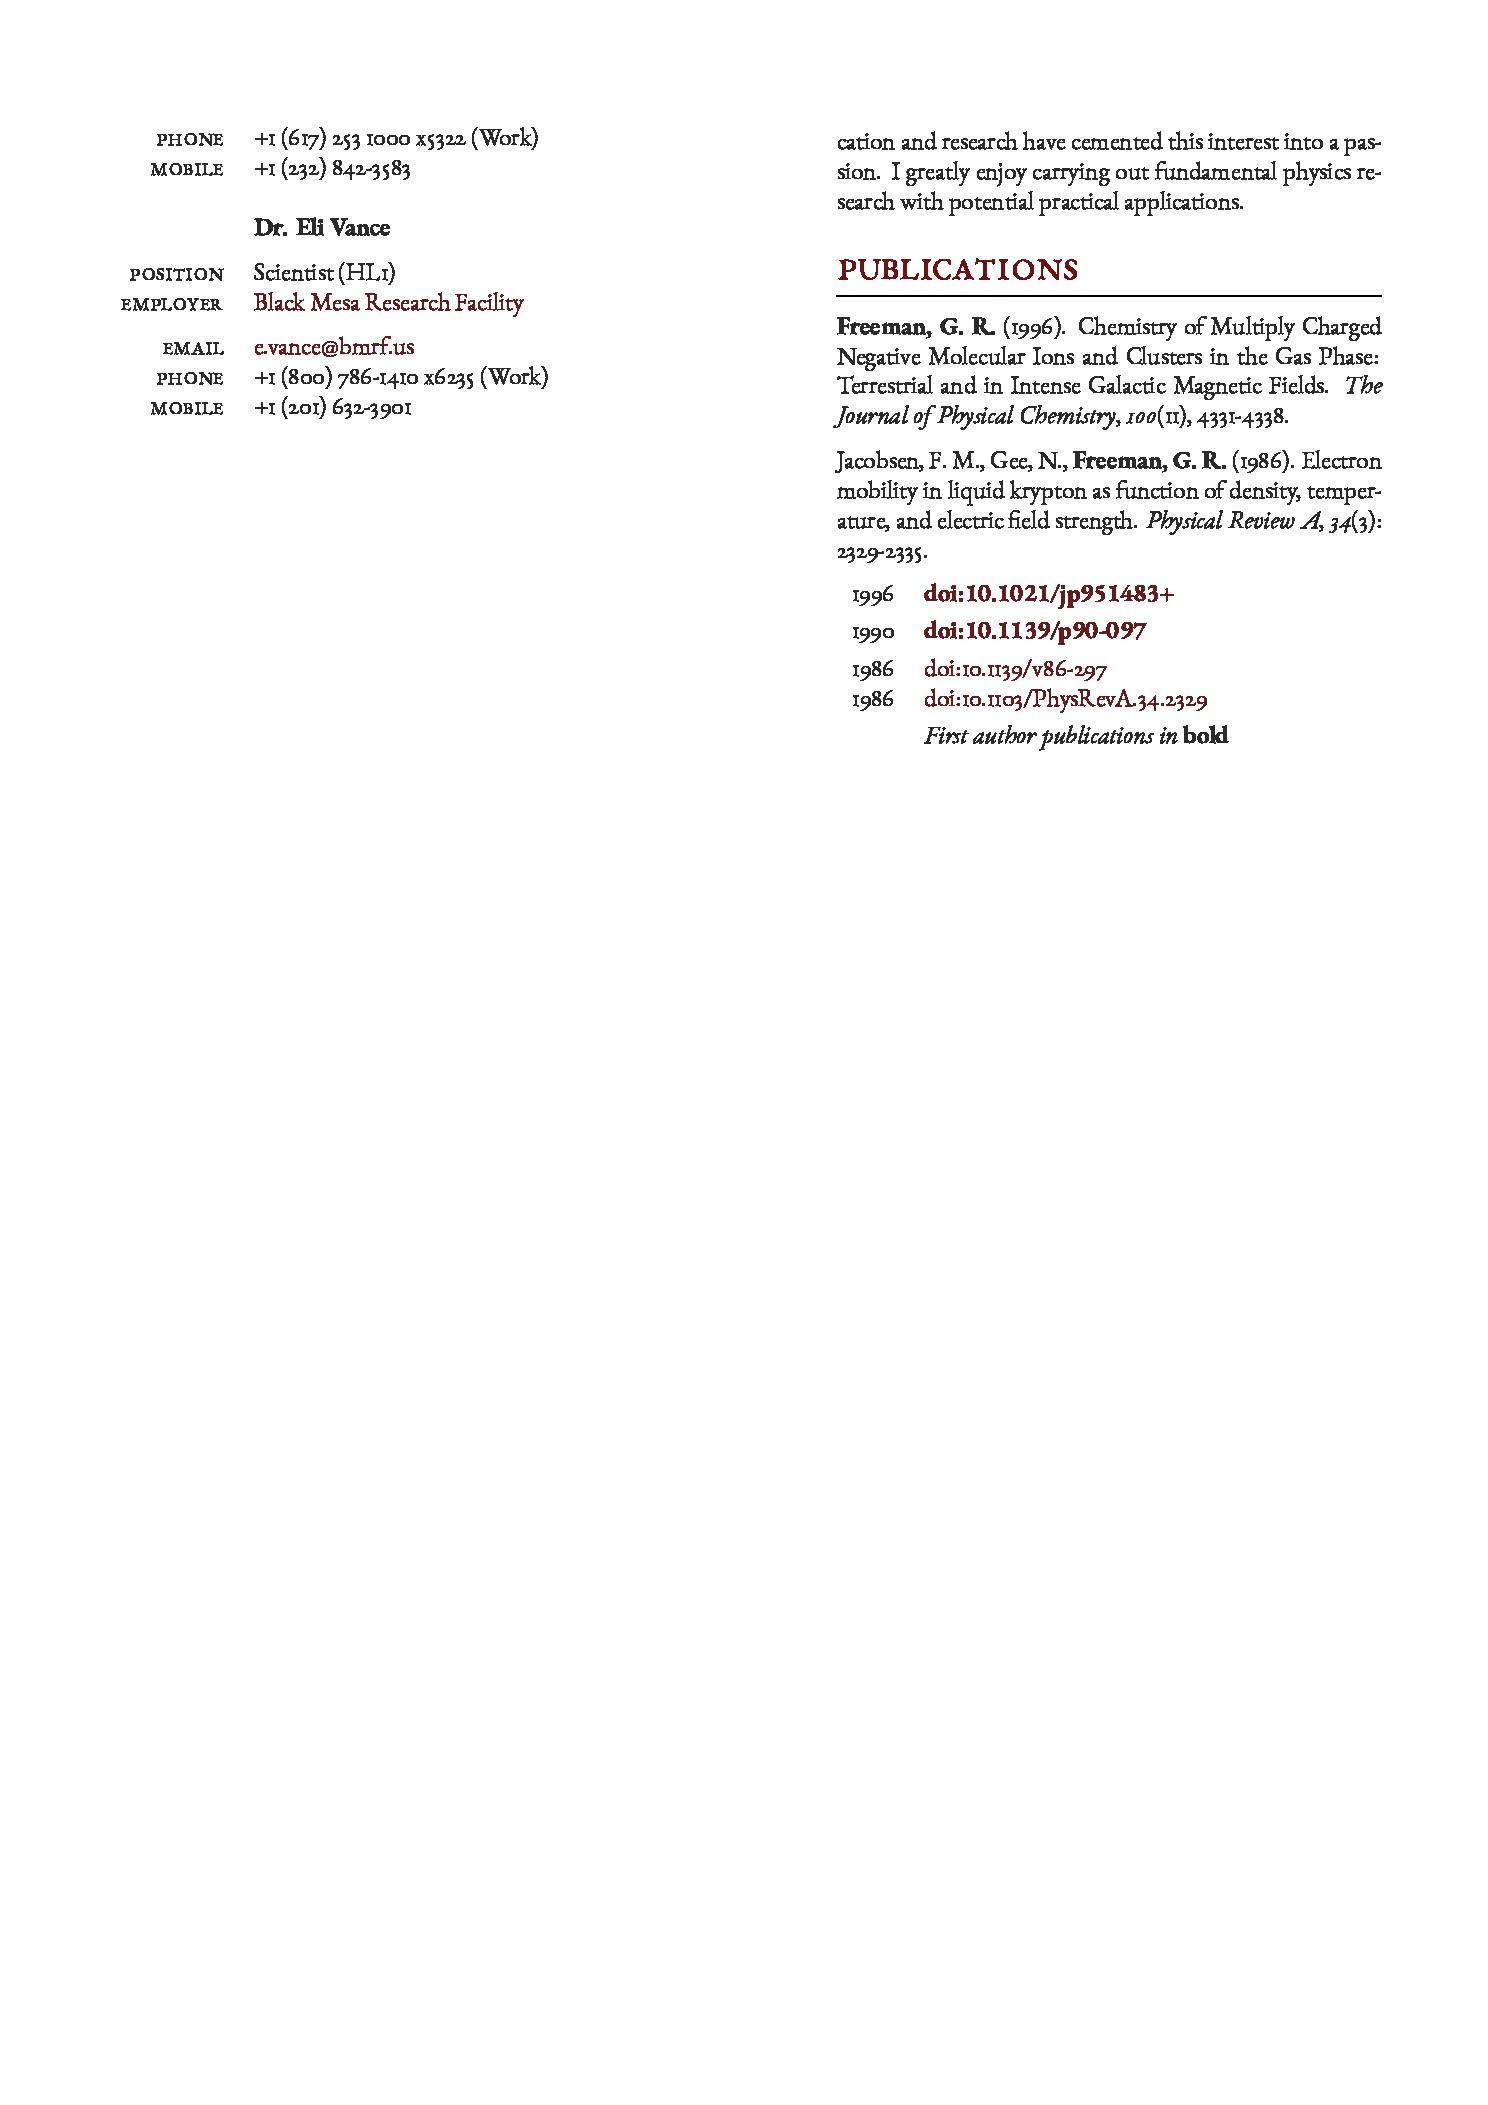 经典的双栏 LaTeX 简历模板